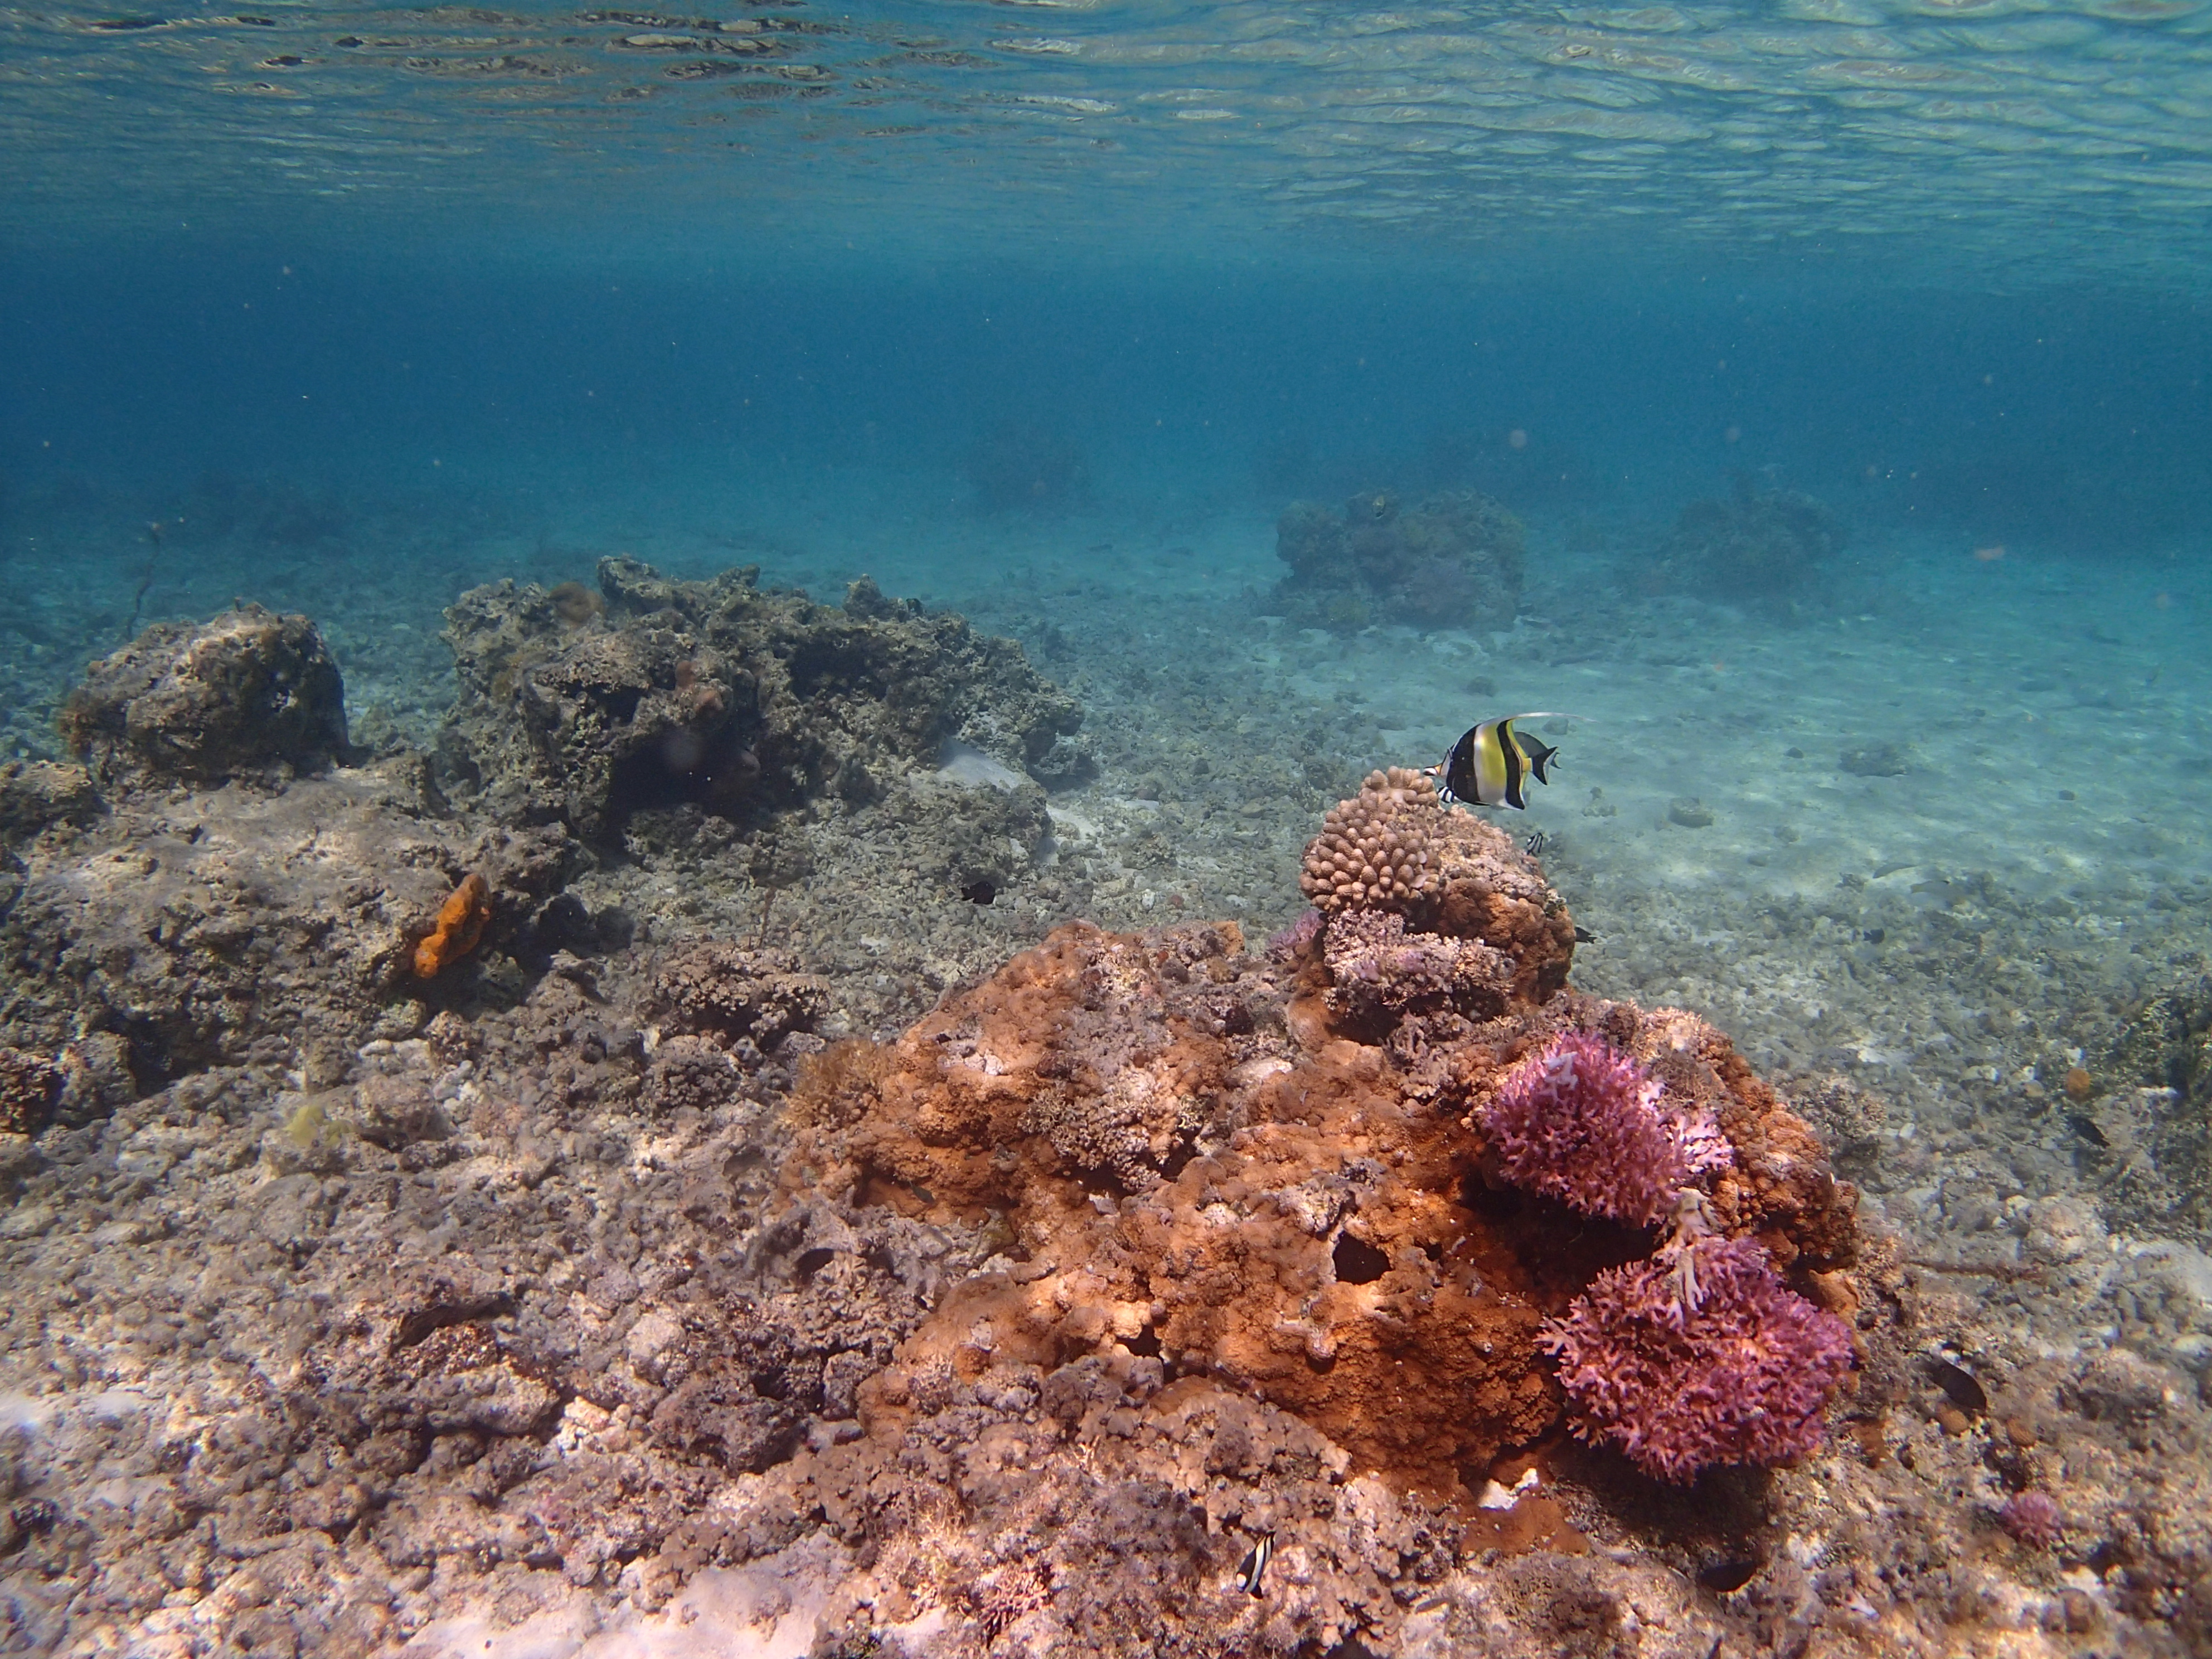 フィッシュアイコンバーターをつけると、より広い画角(24.6mm相当)になる。この例では、水面と海底の両方を収めることができた